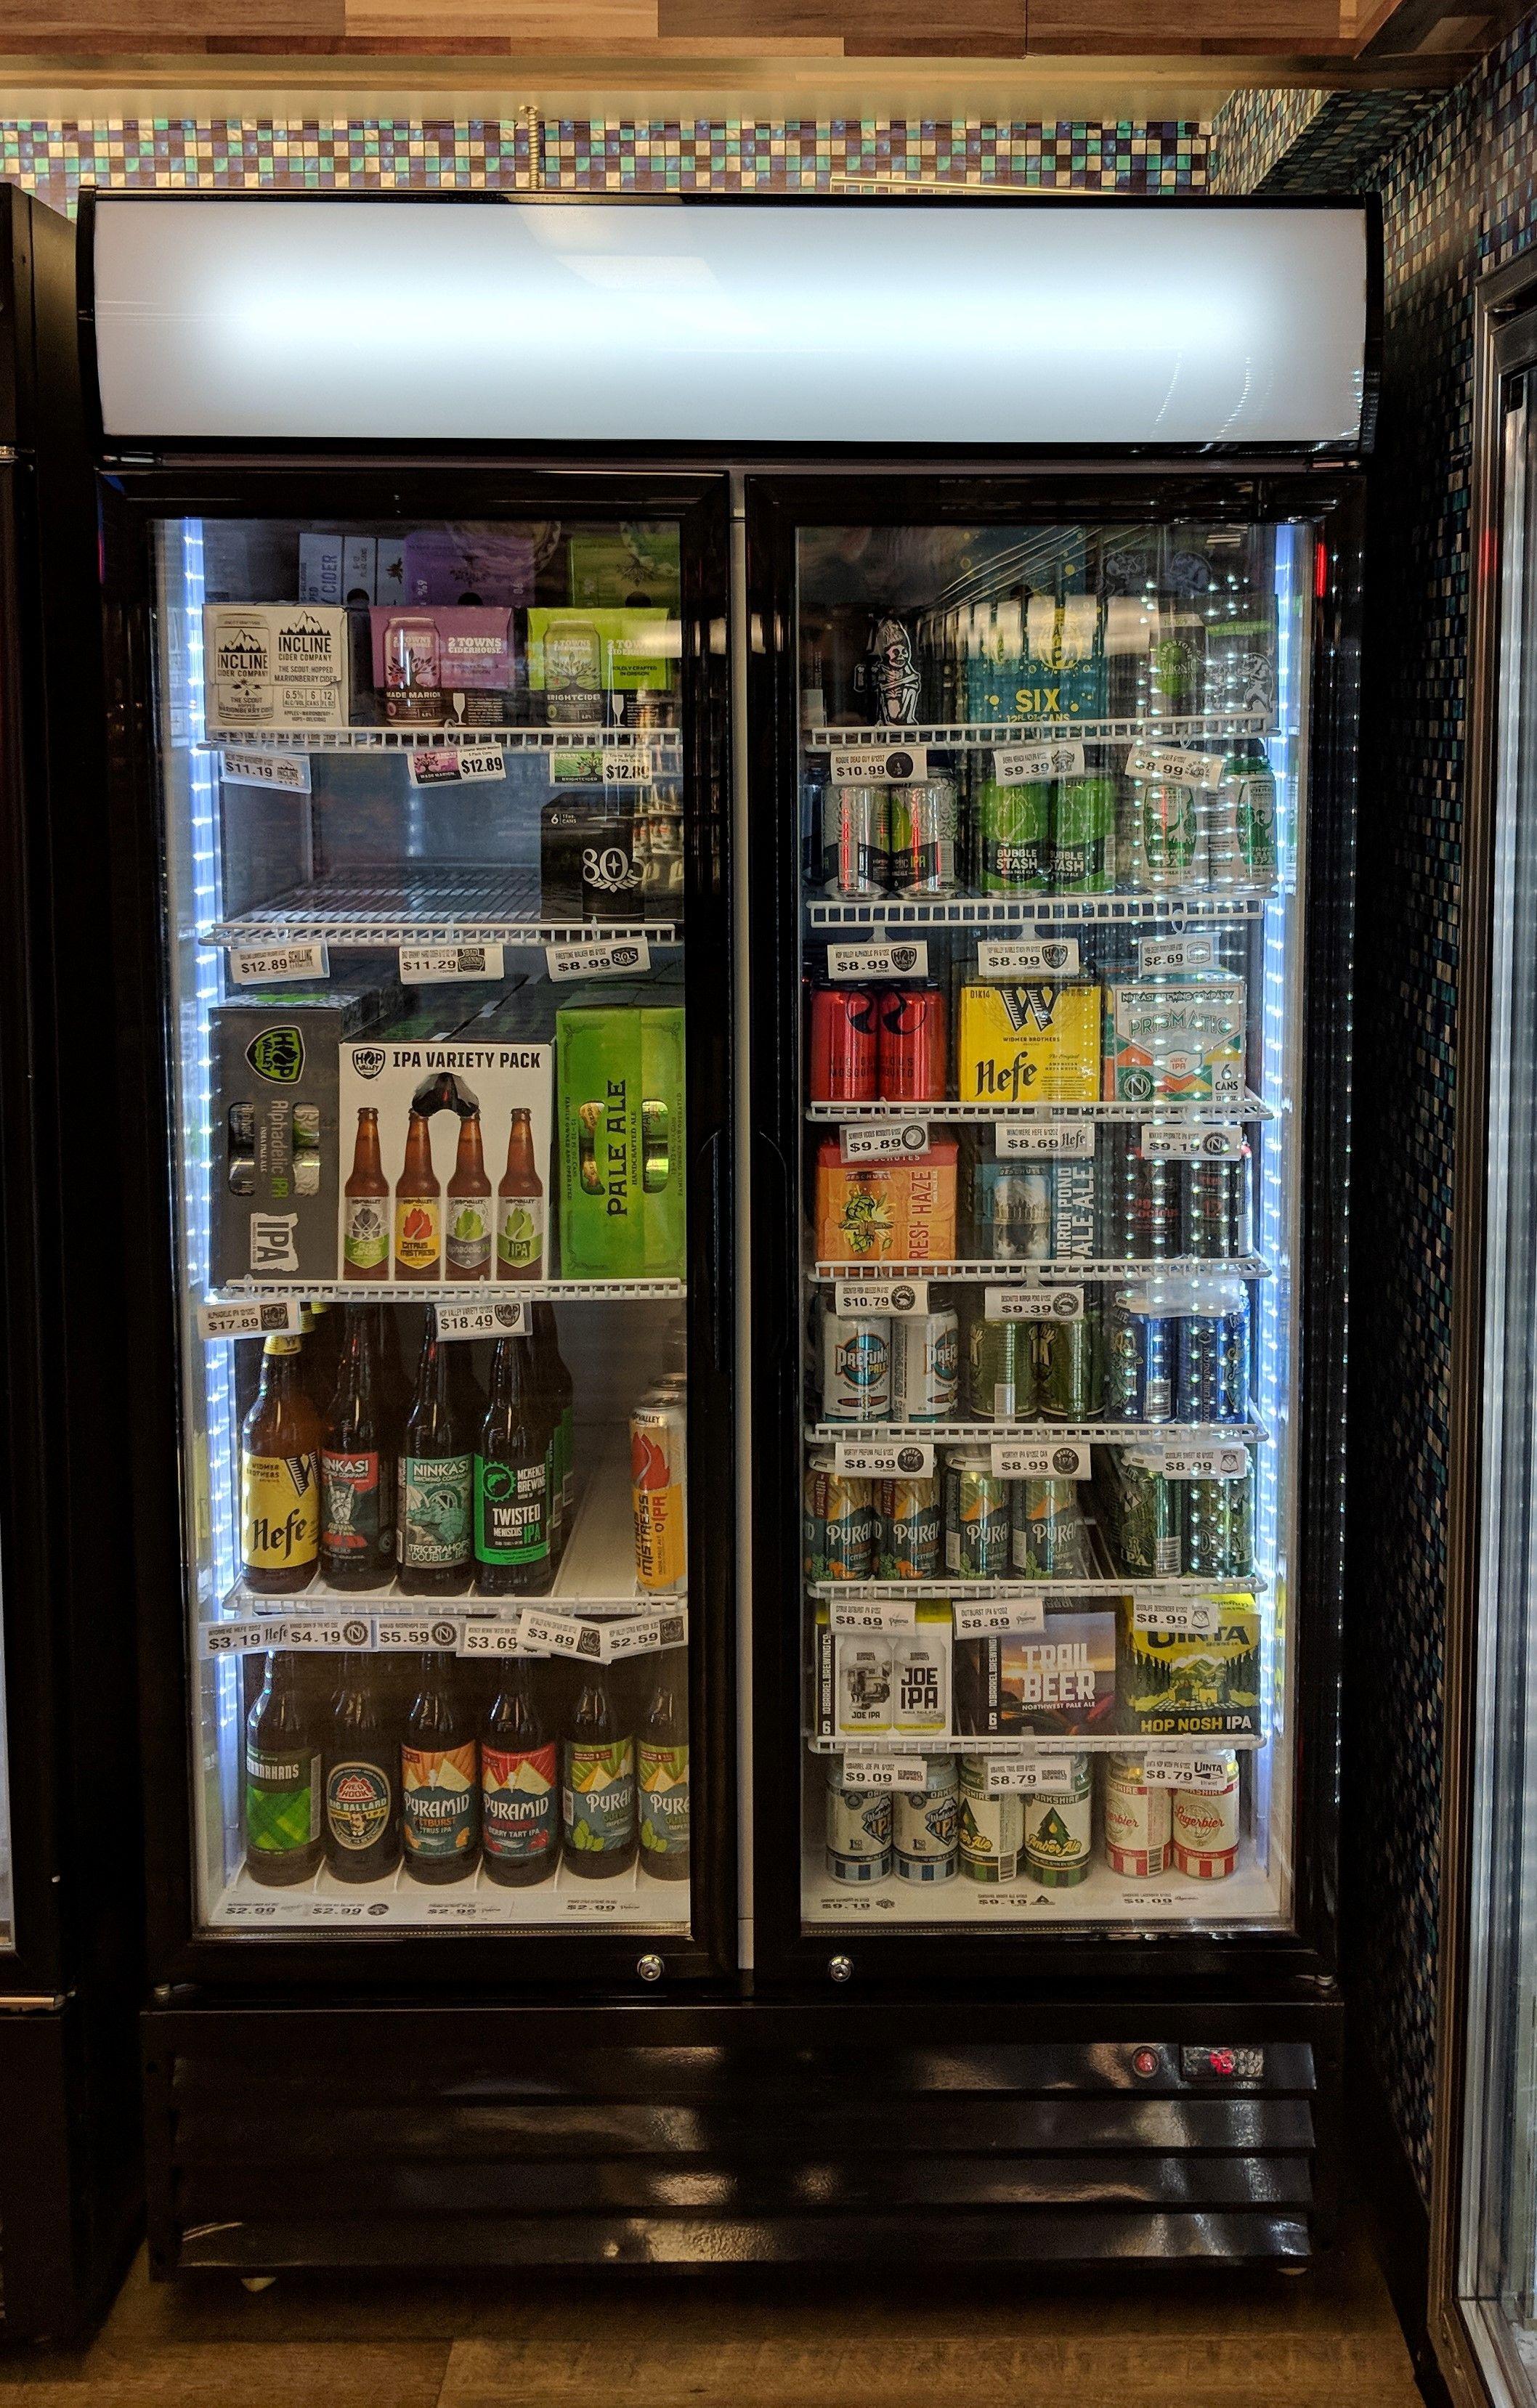 Upright Display Merchandiser Beer Refrigerator Wine Room